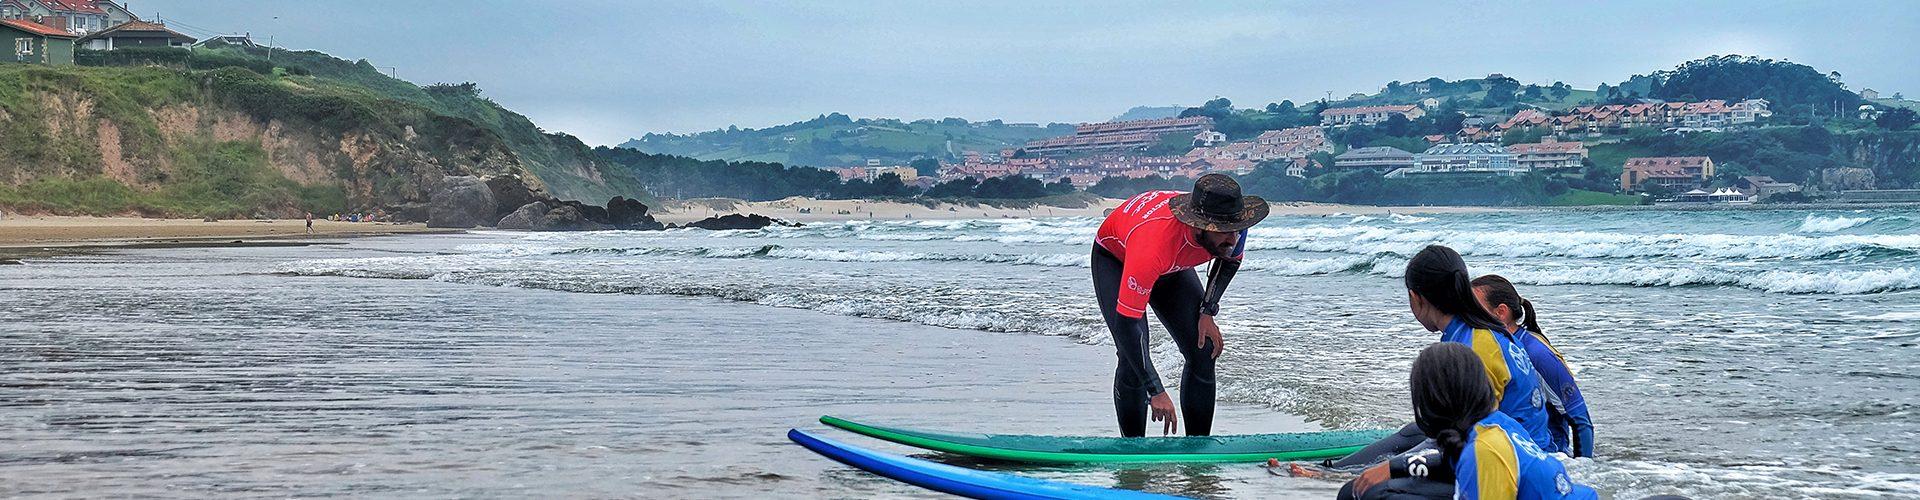 Surfen Praxis in Spanien